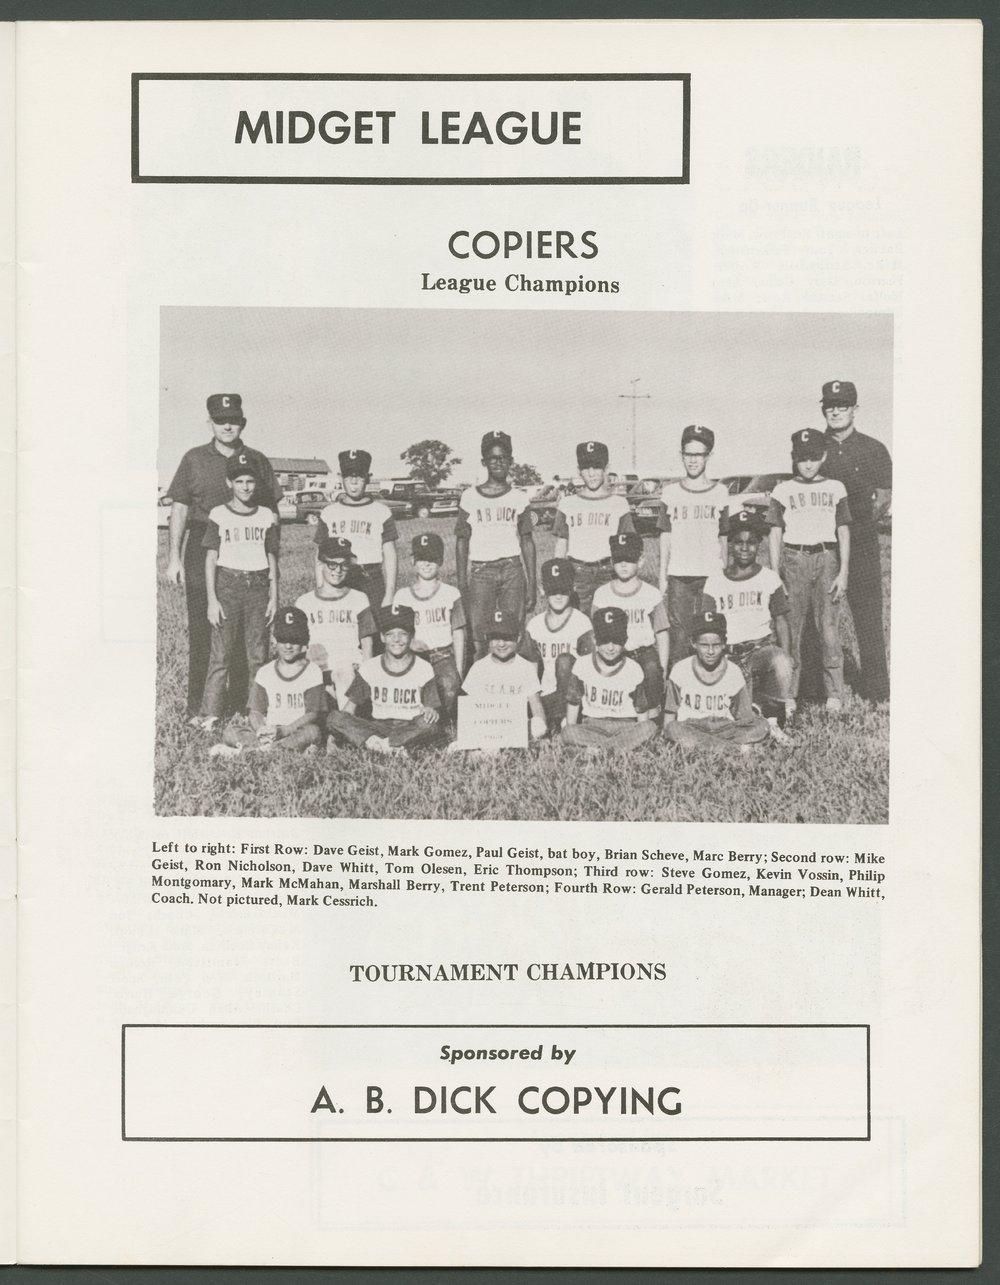 1969 SCABA baseball yearbook, Topeka, Kansas - 11